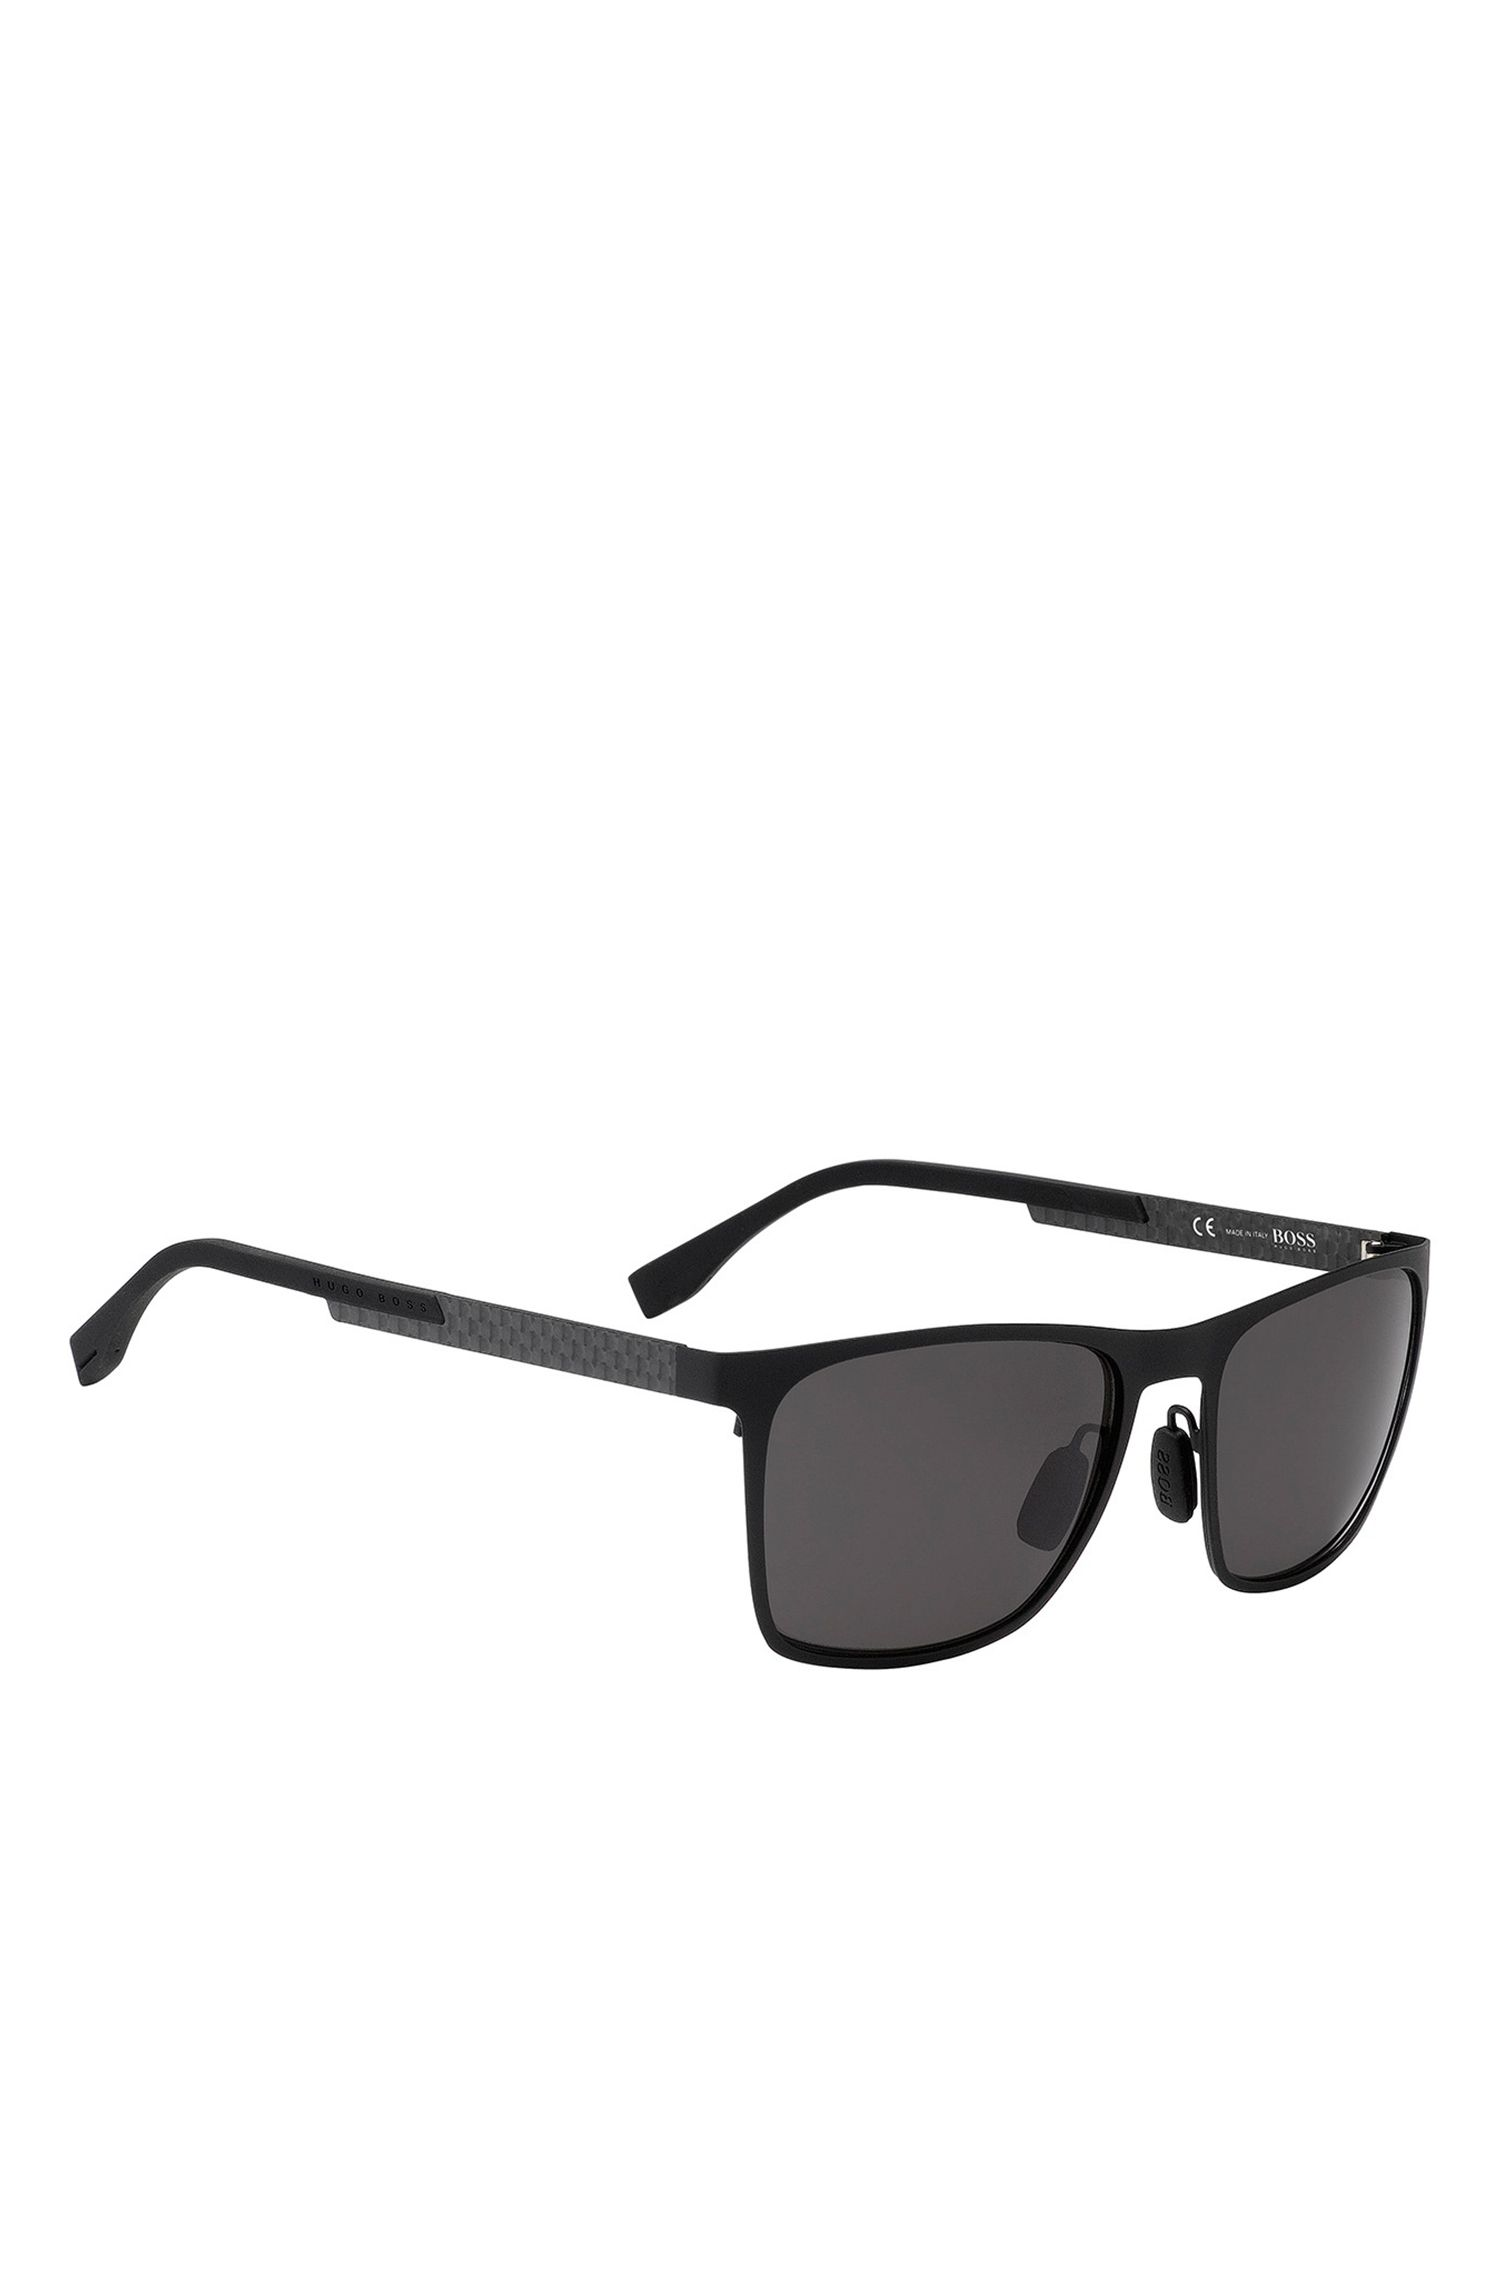 'BOSS 0732S' | Gray Lens Rectangular Sunglasses